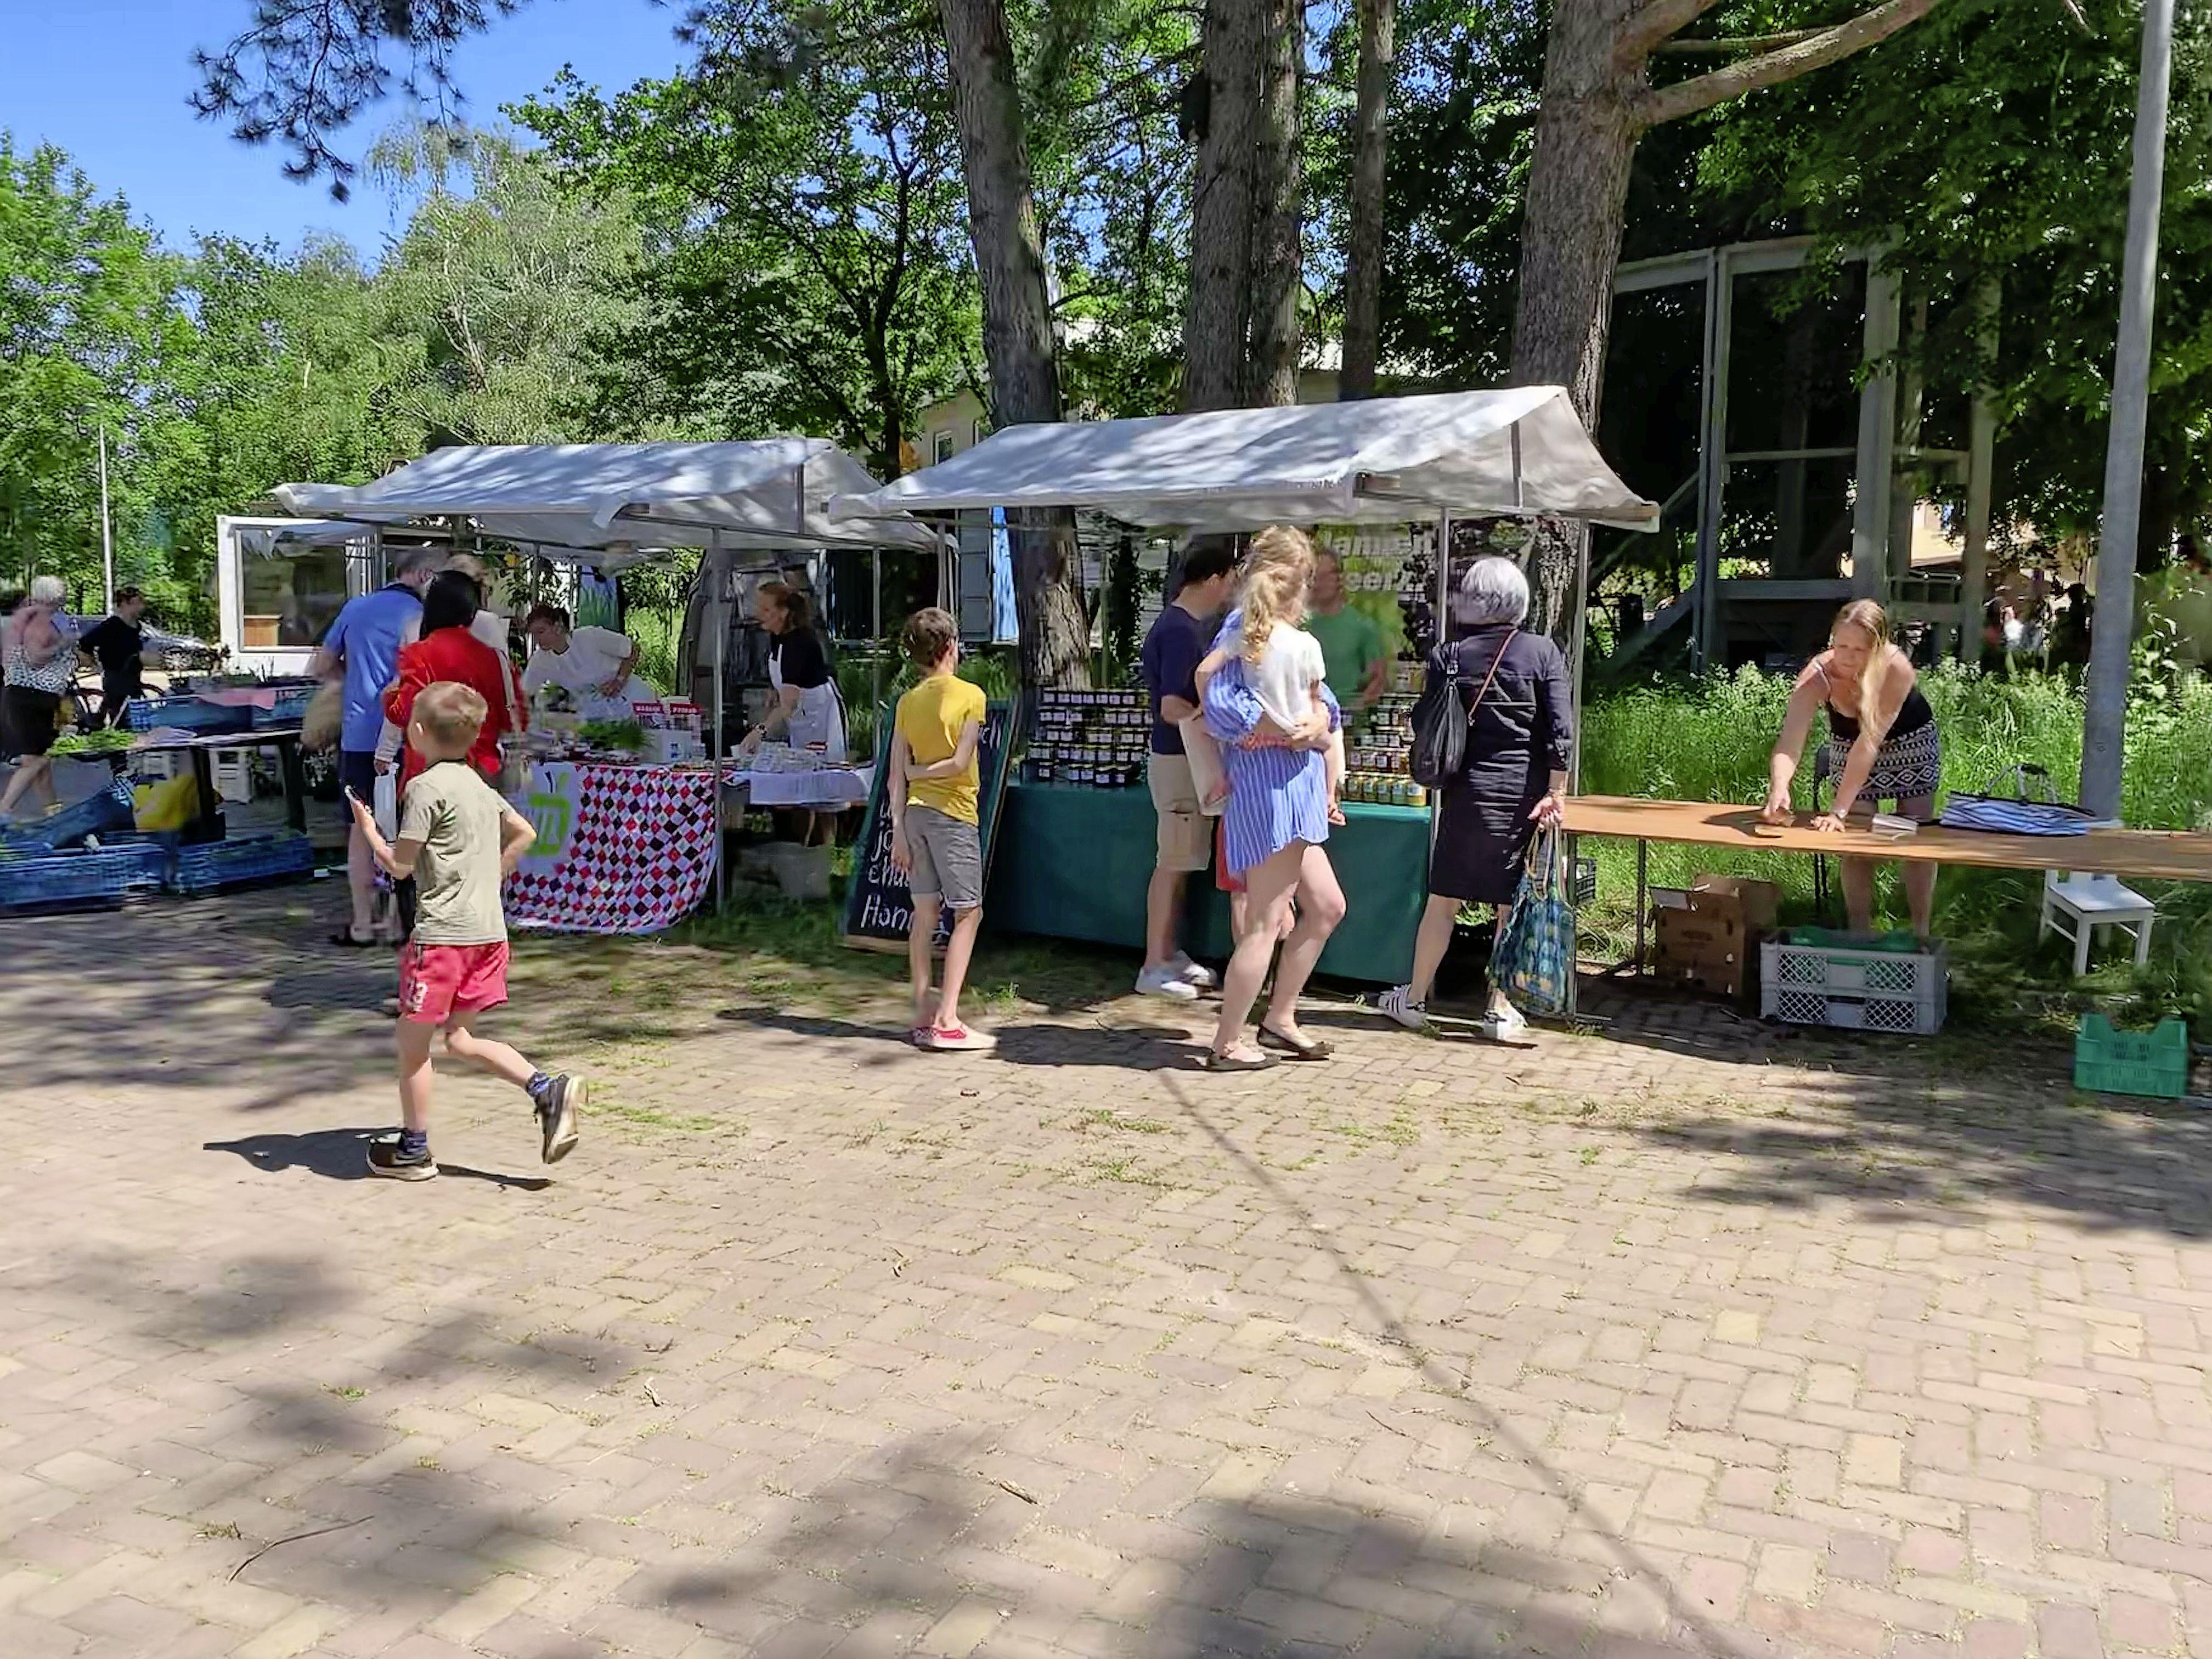 'Vandaag zijn we wakker gekust'; allereerste biologische markt op De Groene Afslag in Laren druk bezocht; 'Na corona is alles een feestje'